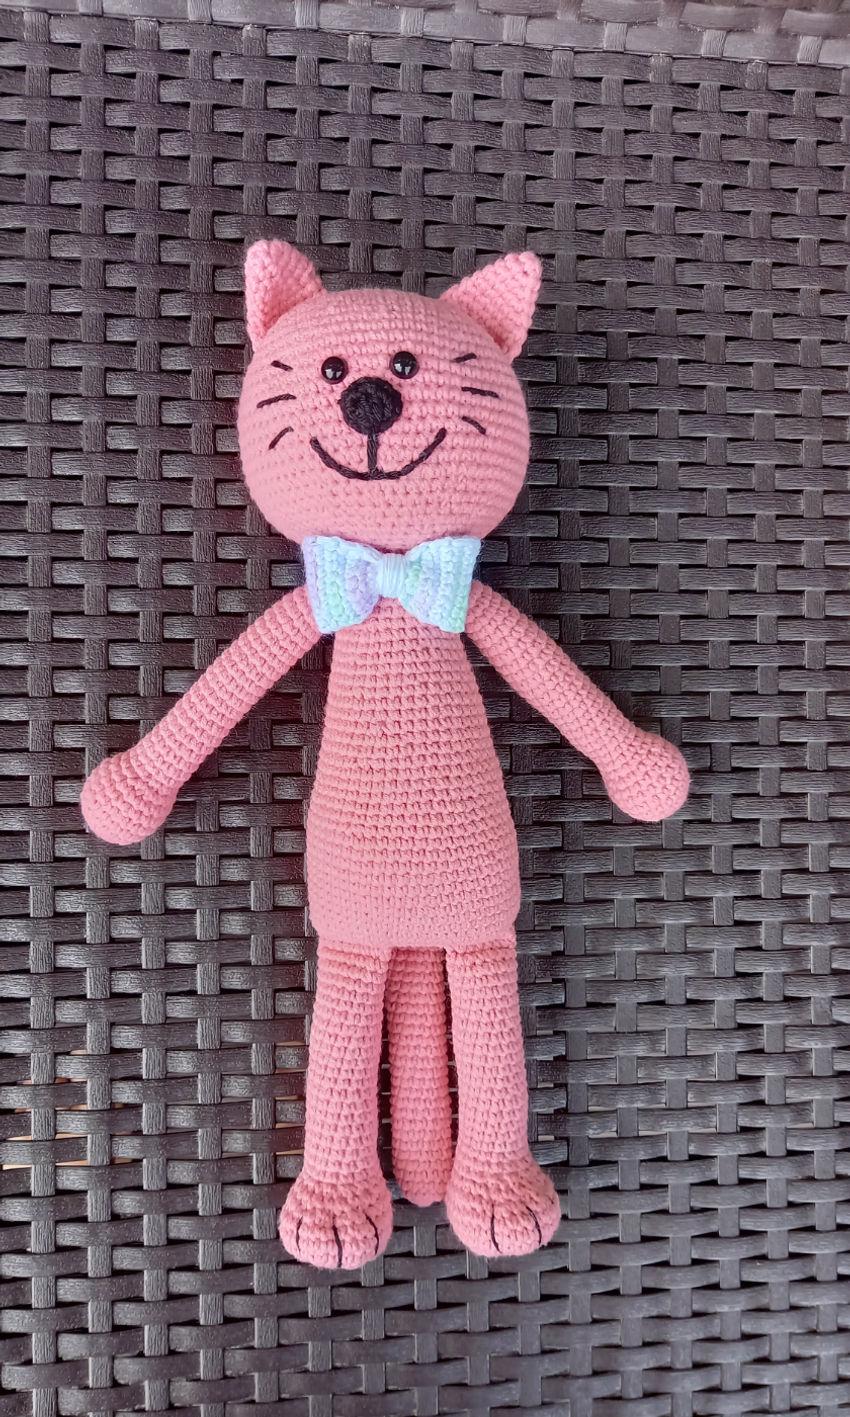 žaislai | minkšti | linksmuolis rožinis kačiukas su petelišk